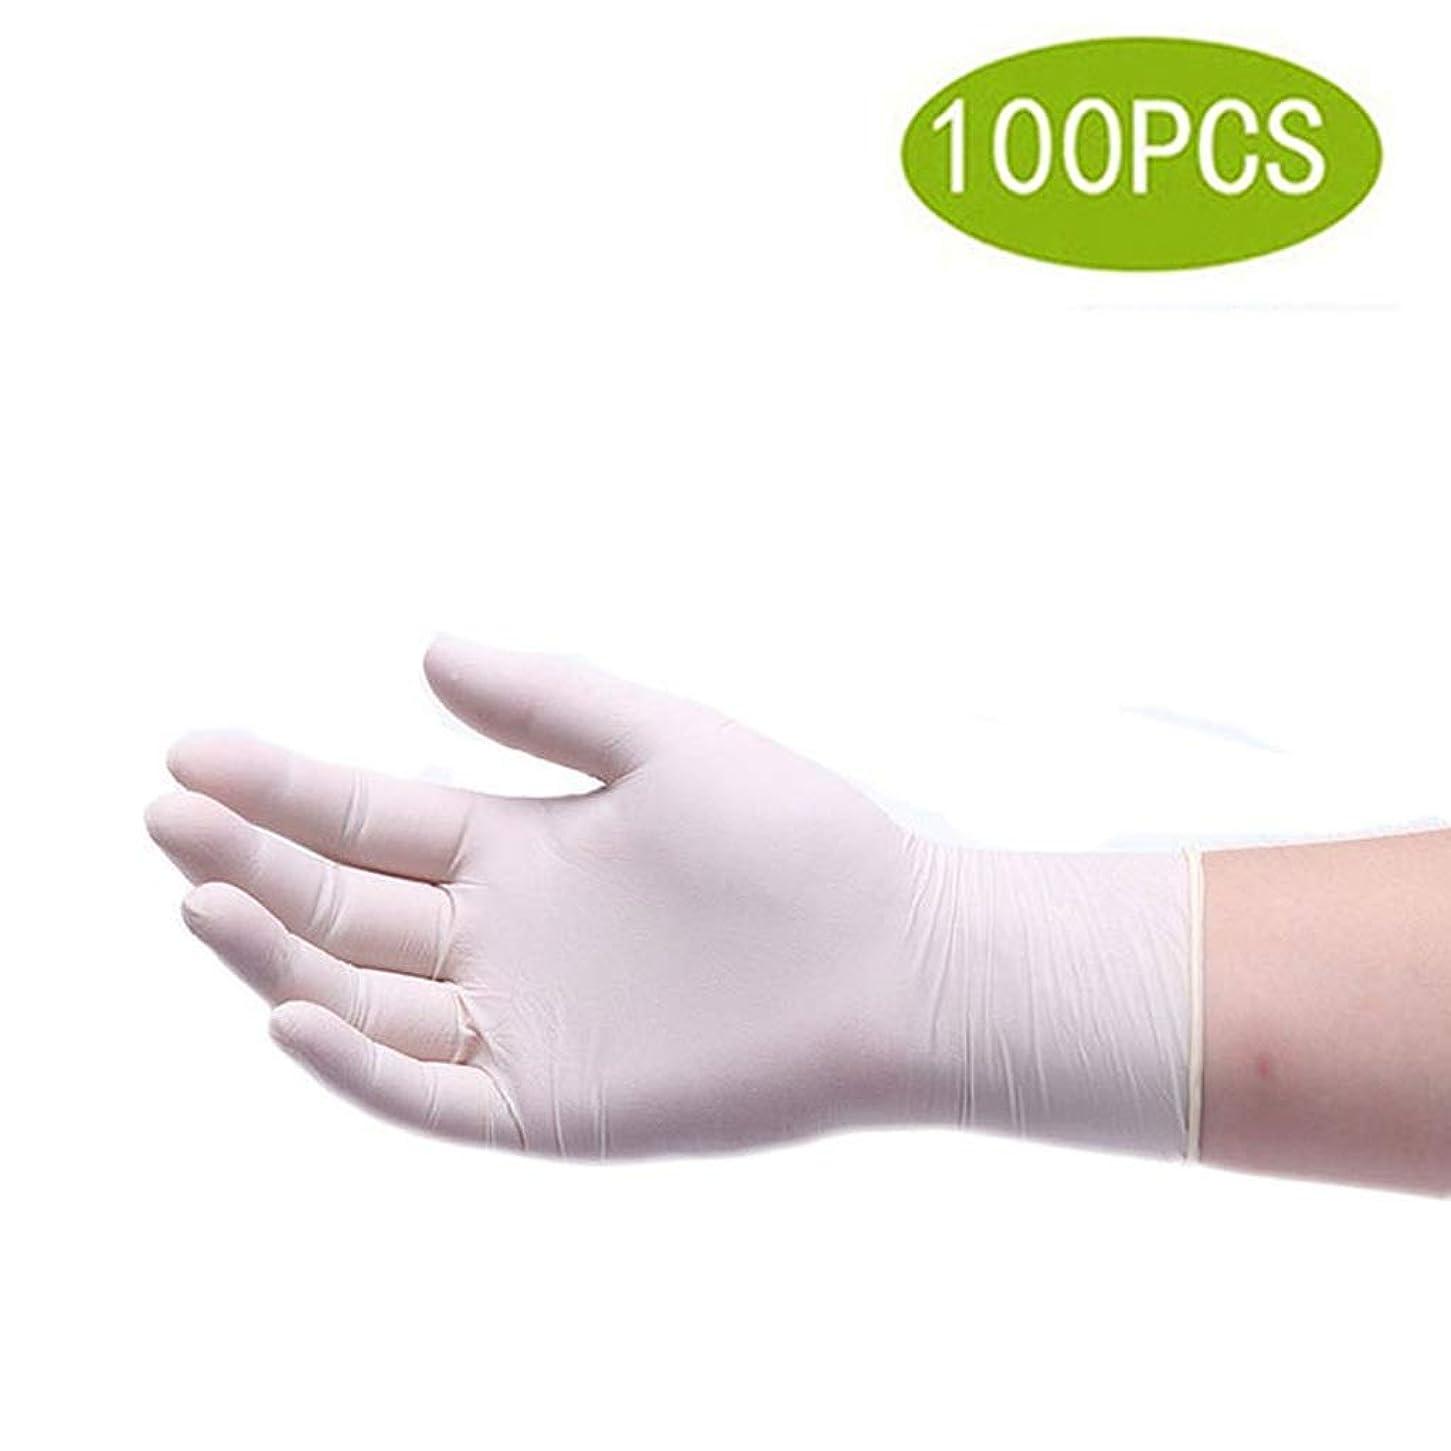 衝撃明示的に粒子食品取扱のための使い捨て手袋、作業ニトリル手袋、ラテックスフリー手袋、使い捨て手袋、パウダーフリーの、滅菌済みでない使い捨て安全手袋、ミディアム(100個入り) (Color : White, Size : S)